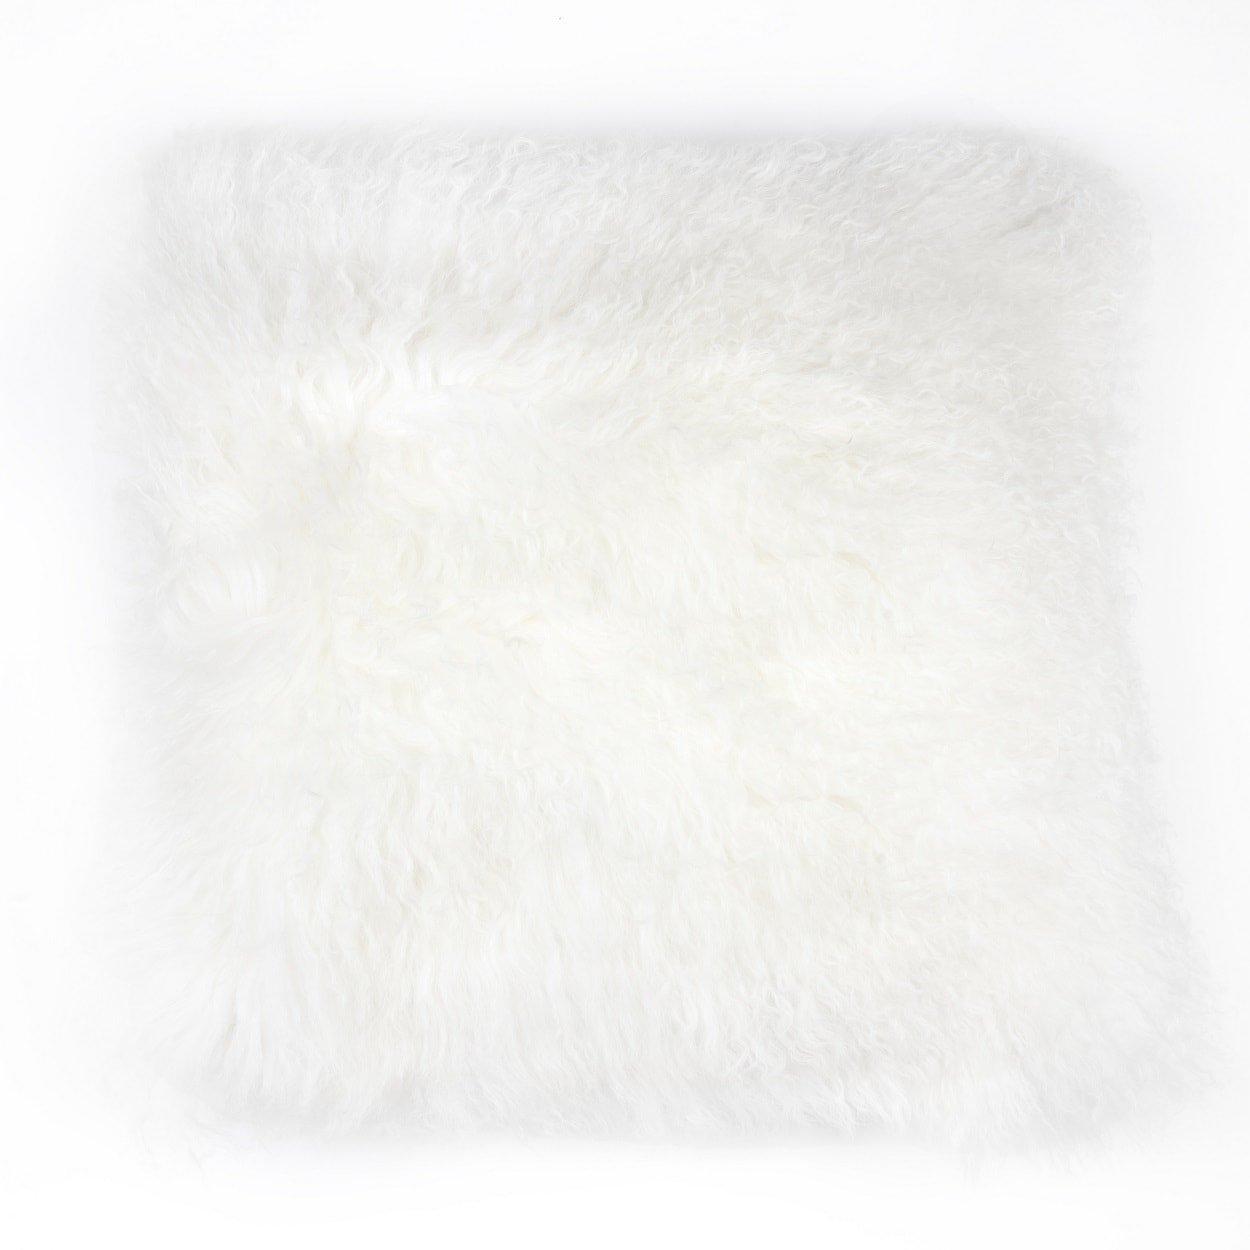 コントロールブランドShaggy Lamb枕カバー 20 x 20 ベージュ MXP001BEIGE  ベージュ B01N52QFS1